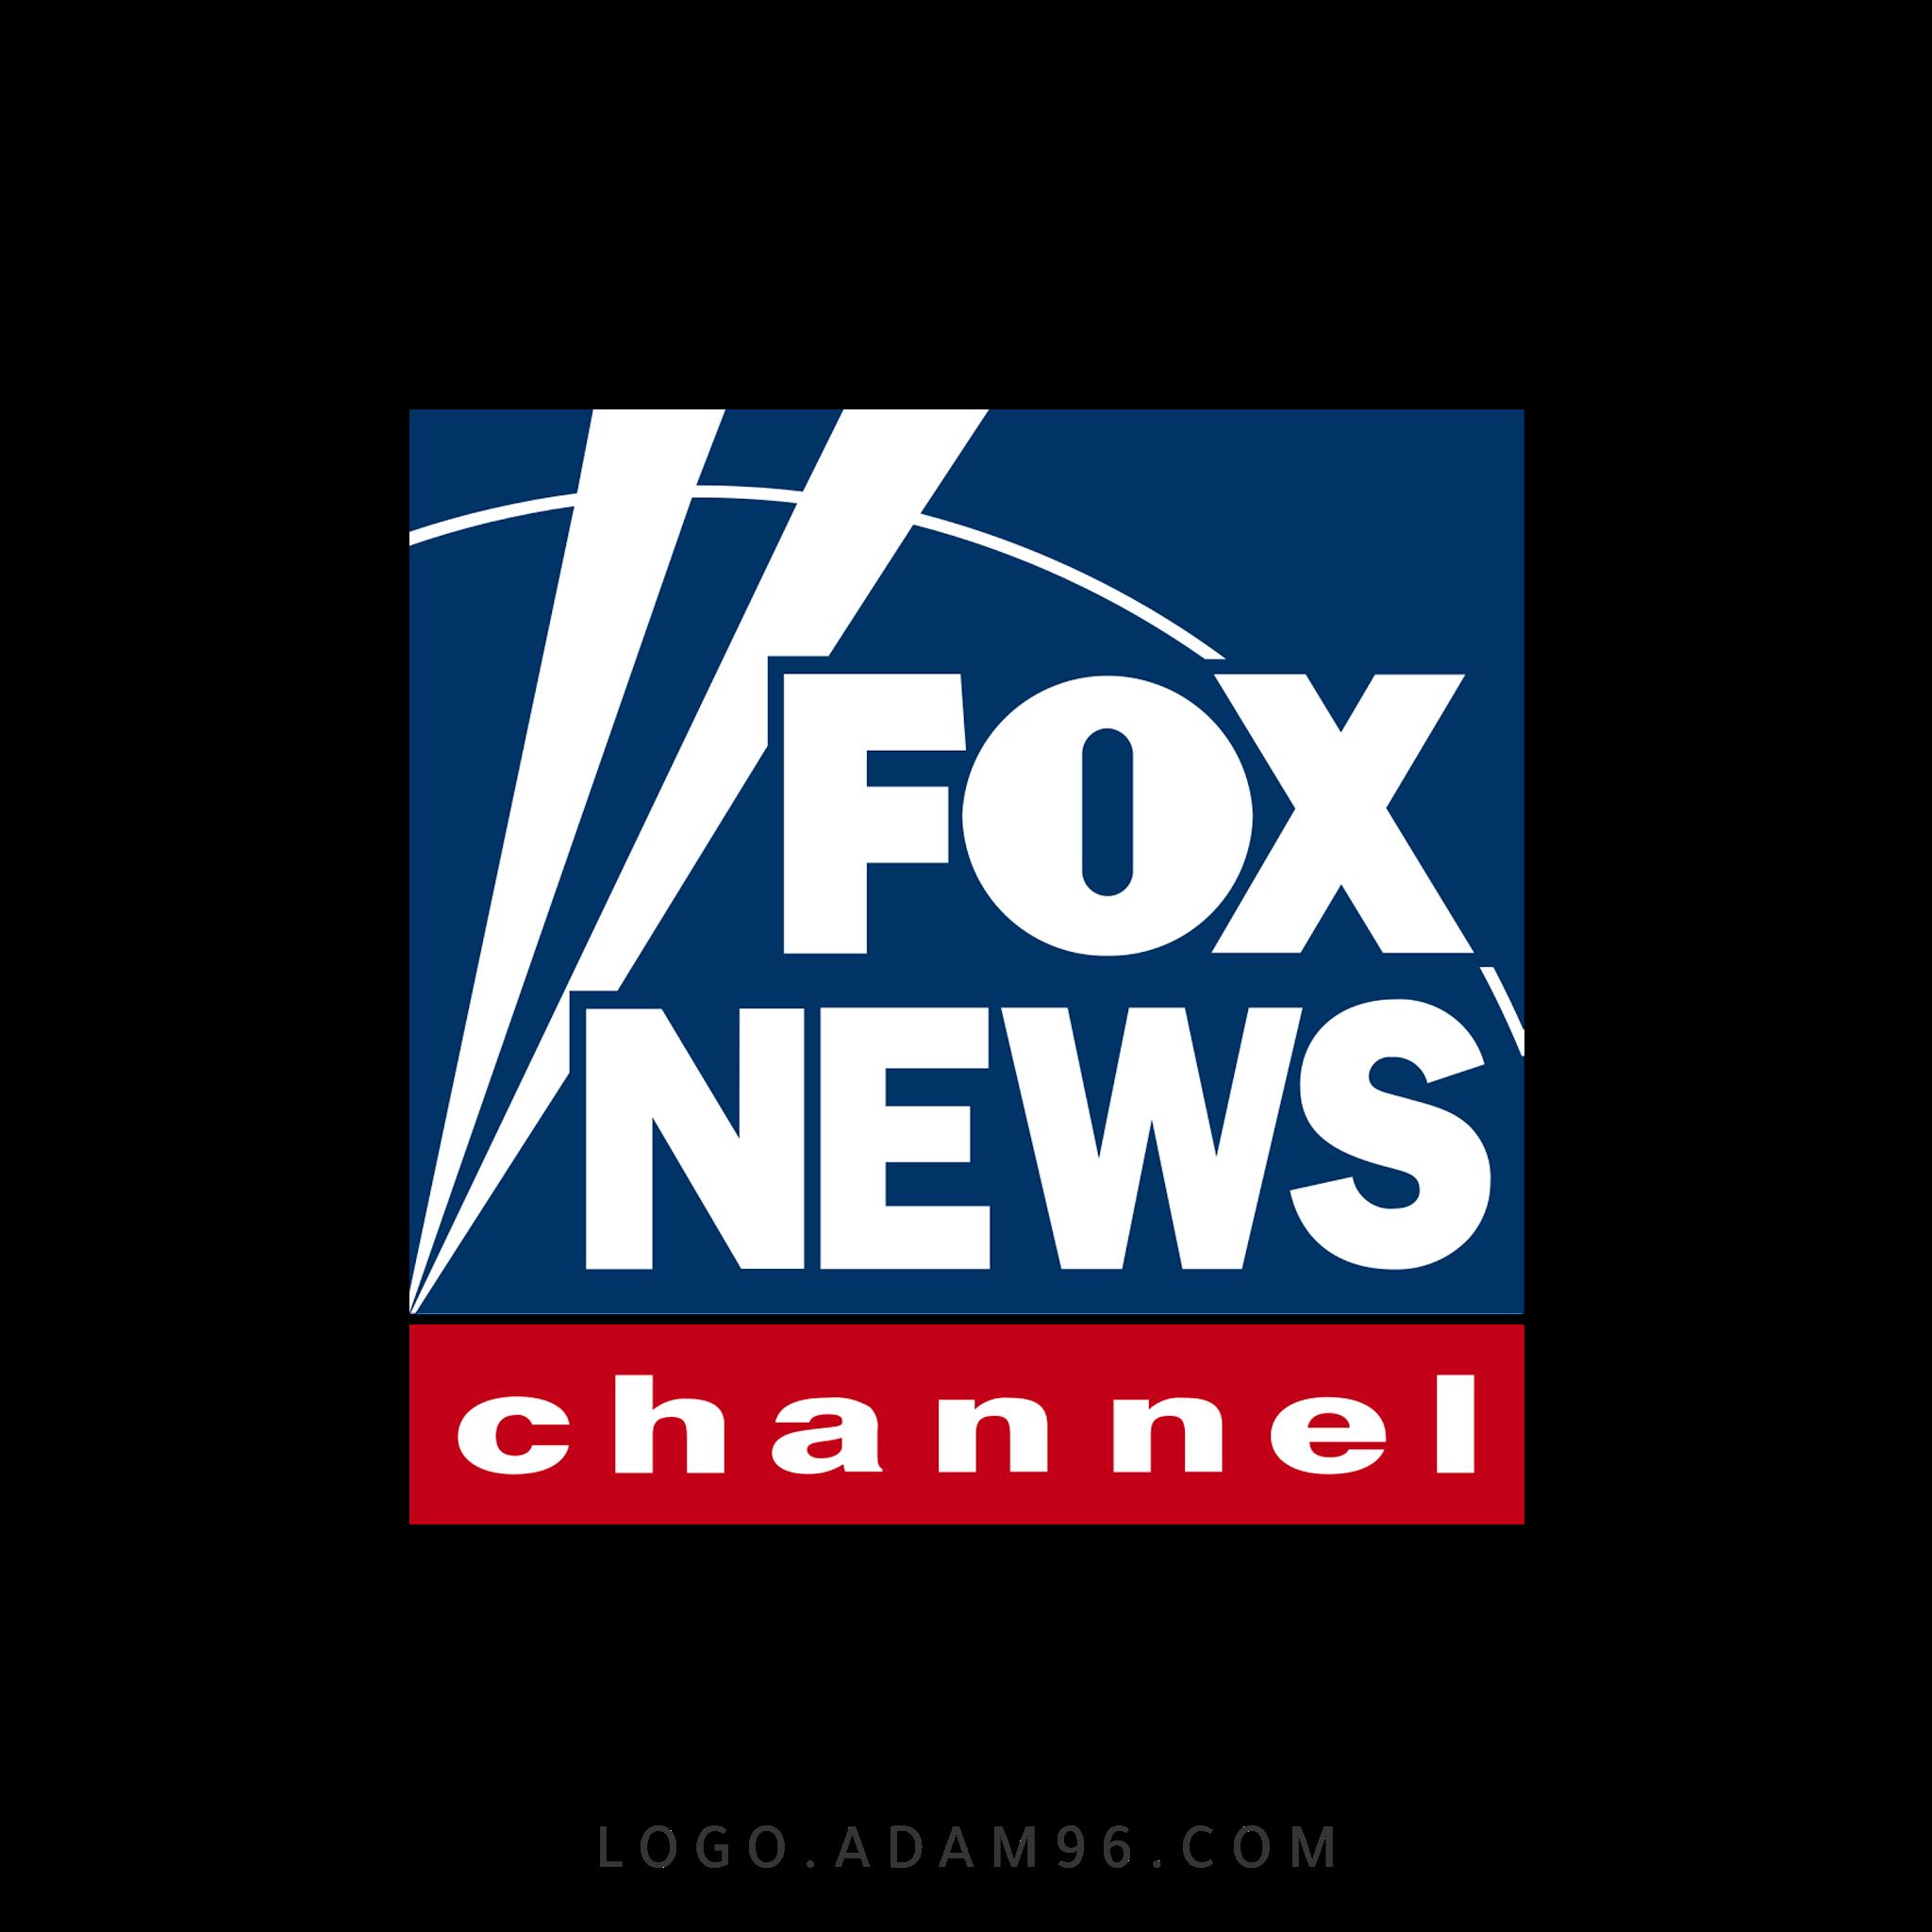 تحميل شعار قناة فوكس نيوز لوجو رسمي عالي الجودة PNG